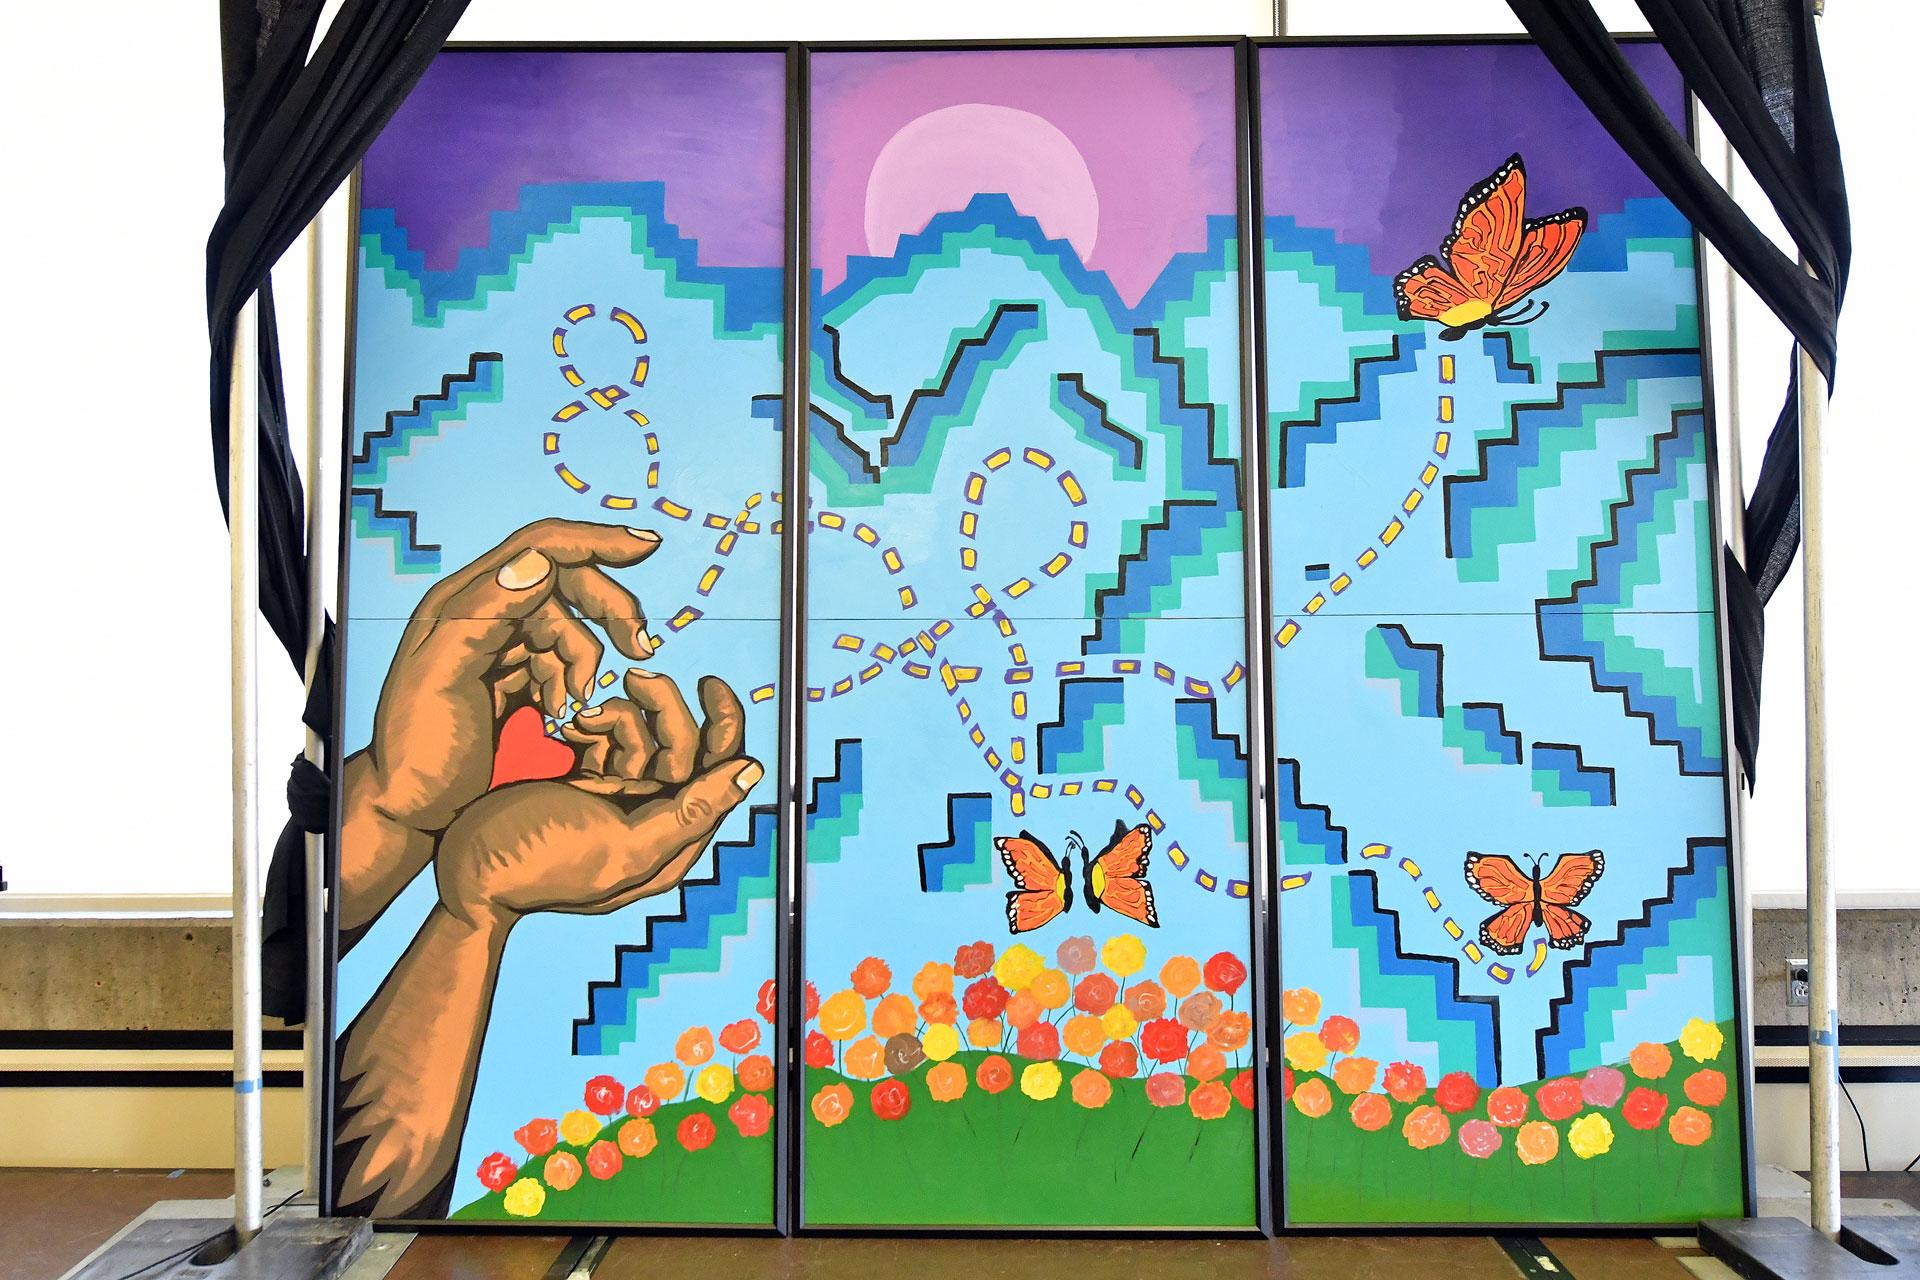 Mural of hands releasing butterflies